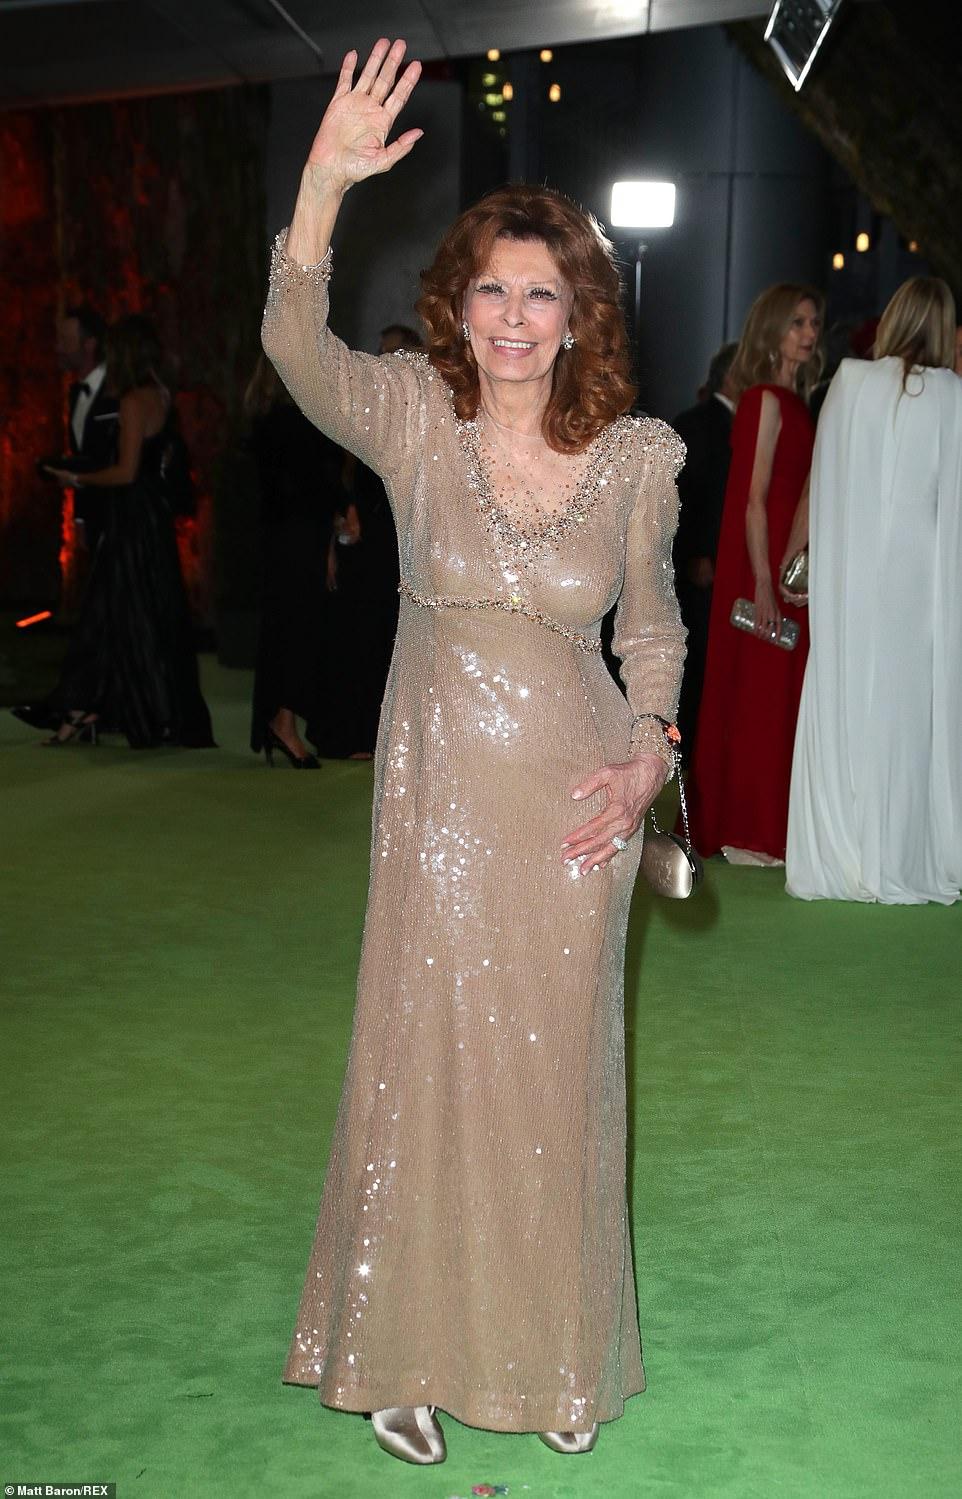 Still got it! The Italian screen legend Sophia Loren was seen ahead of her honor